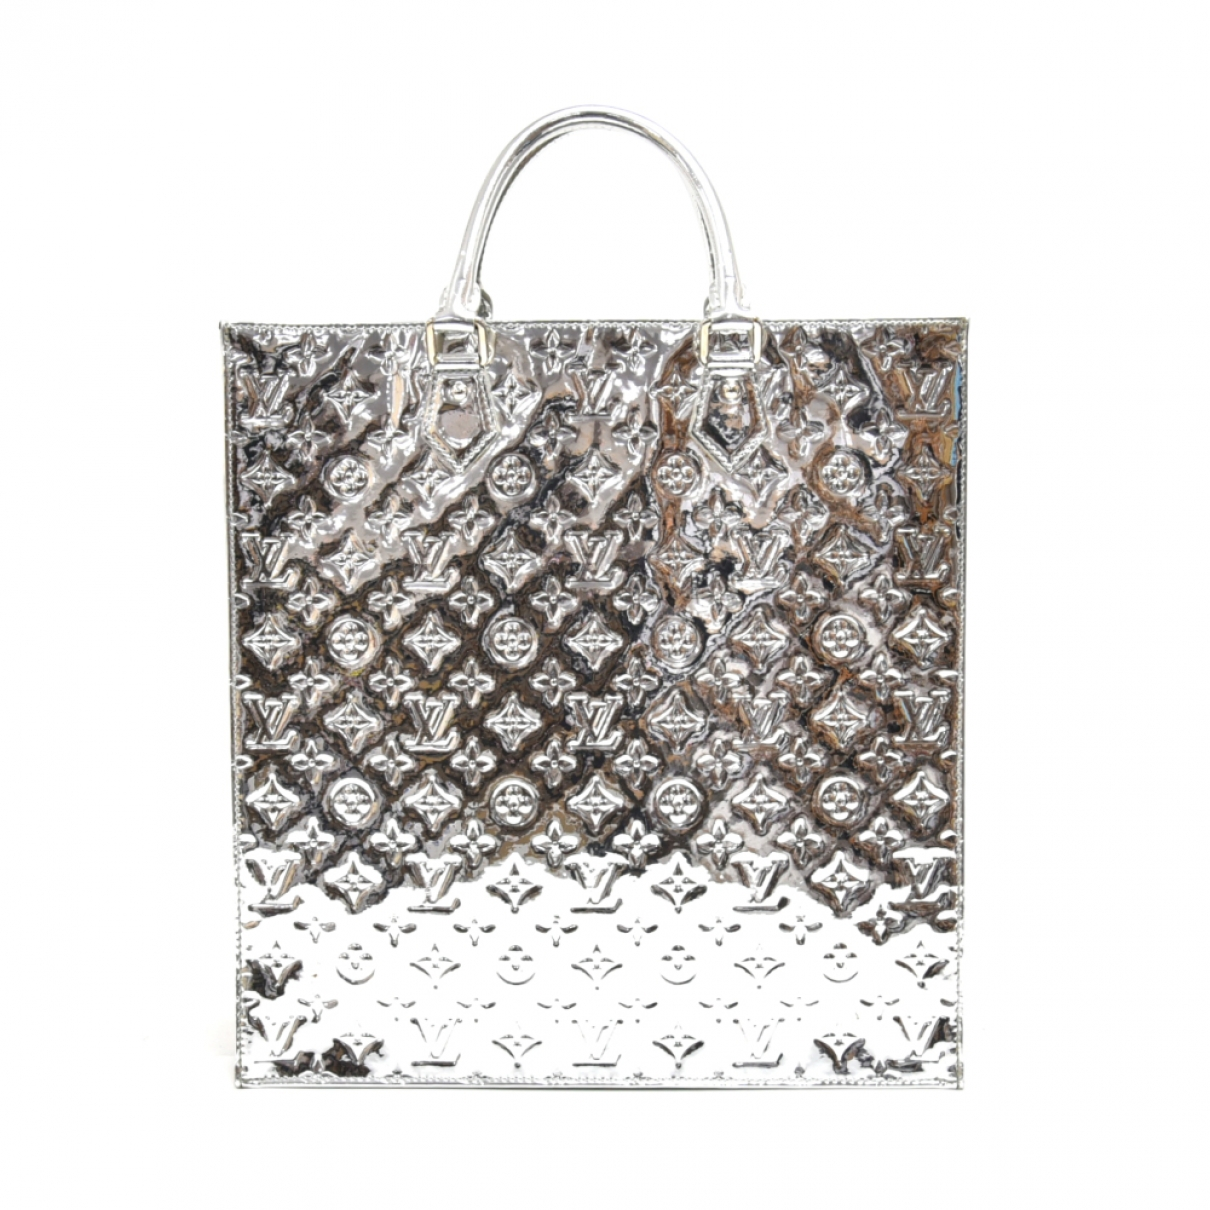 Louis Vuitton - Sac a main Plat pour femme en cuir - argente